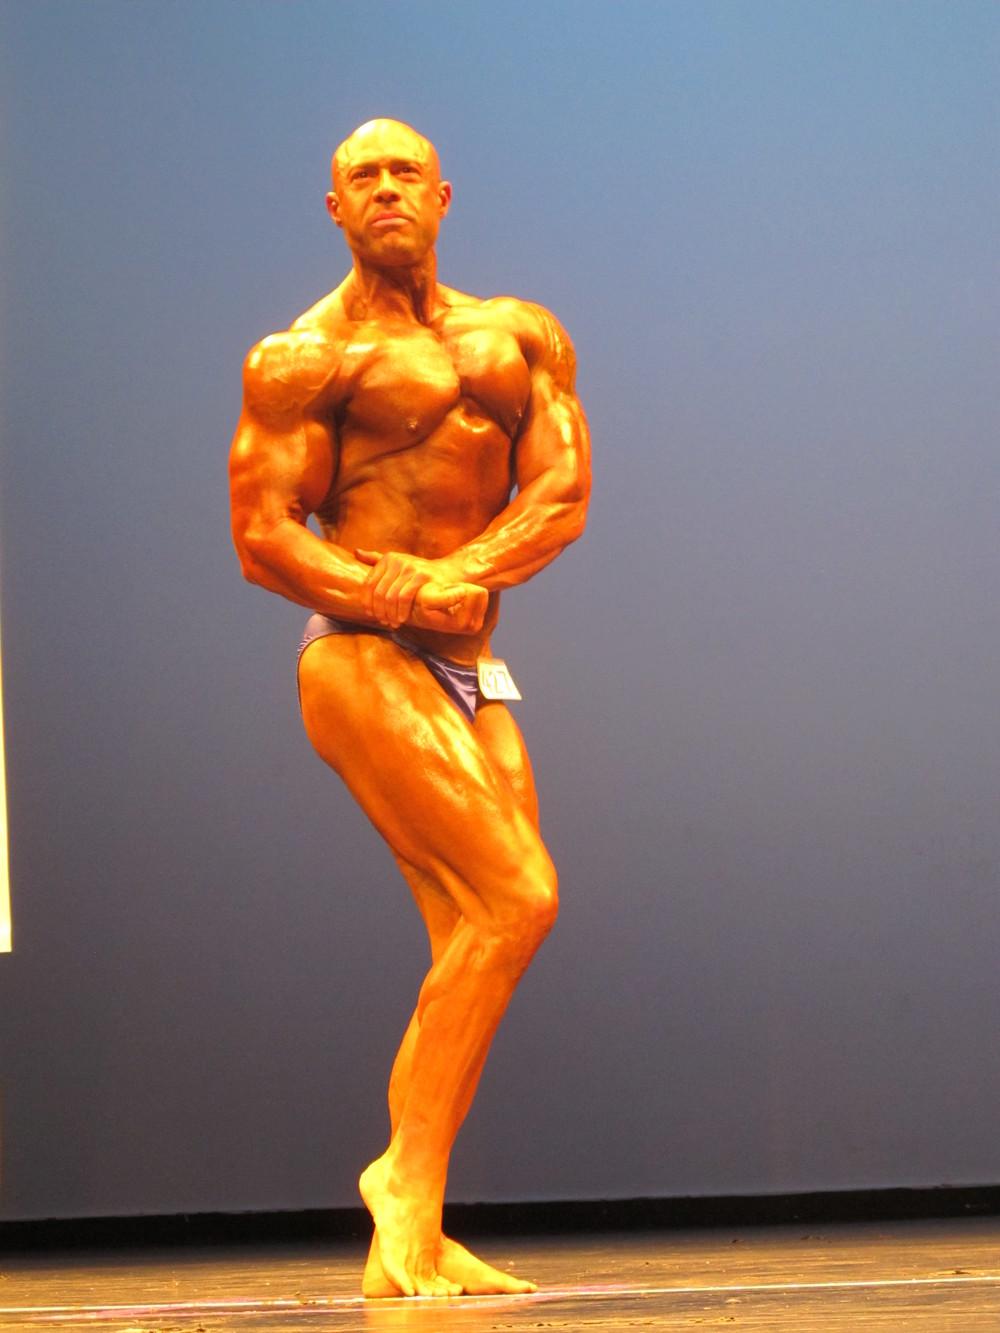 bodybuilding 242.jpg